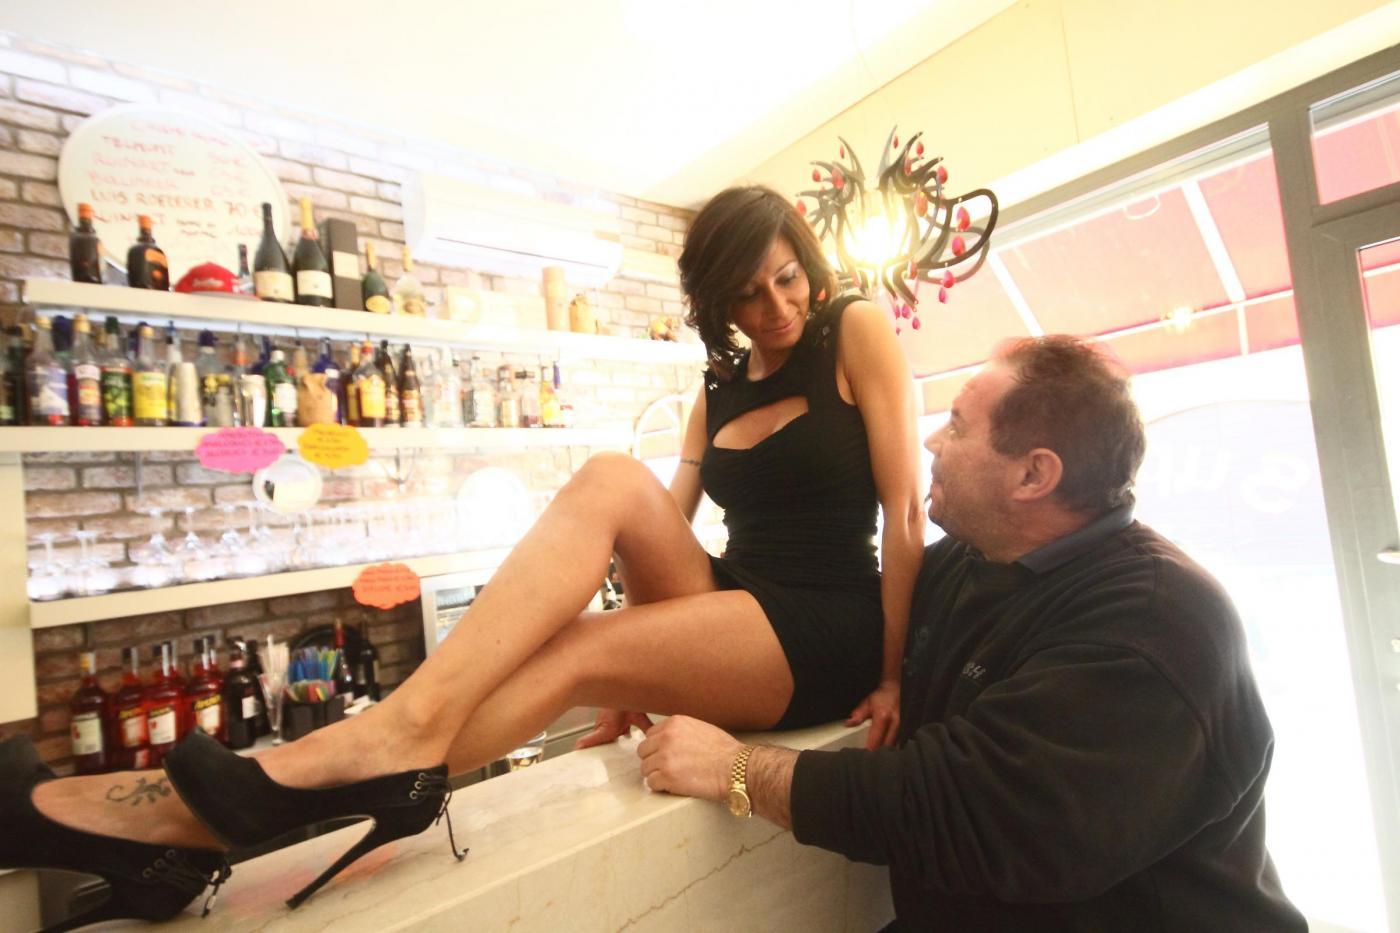 Смотреть что женщины делают в баре 7 фотография